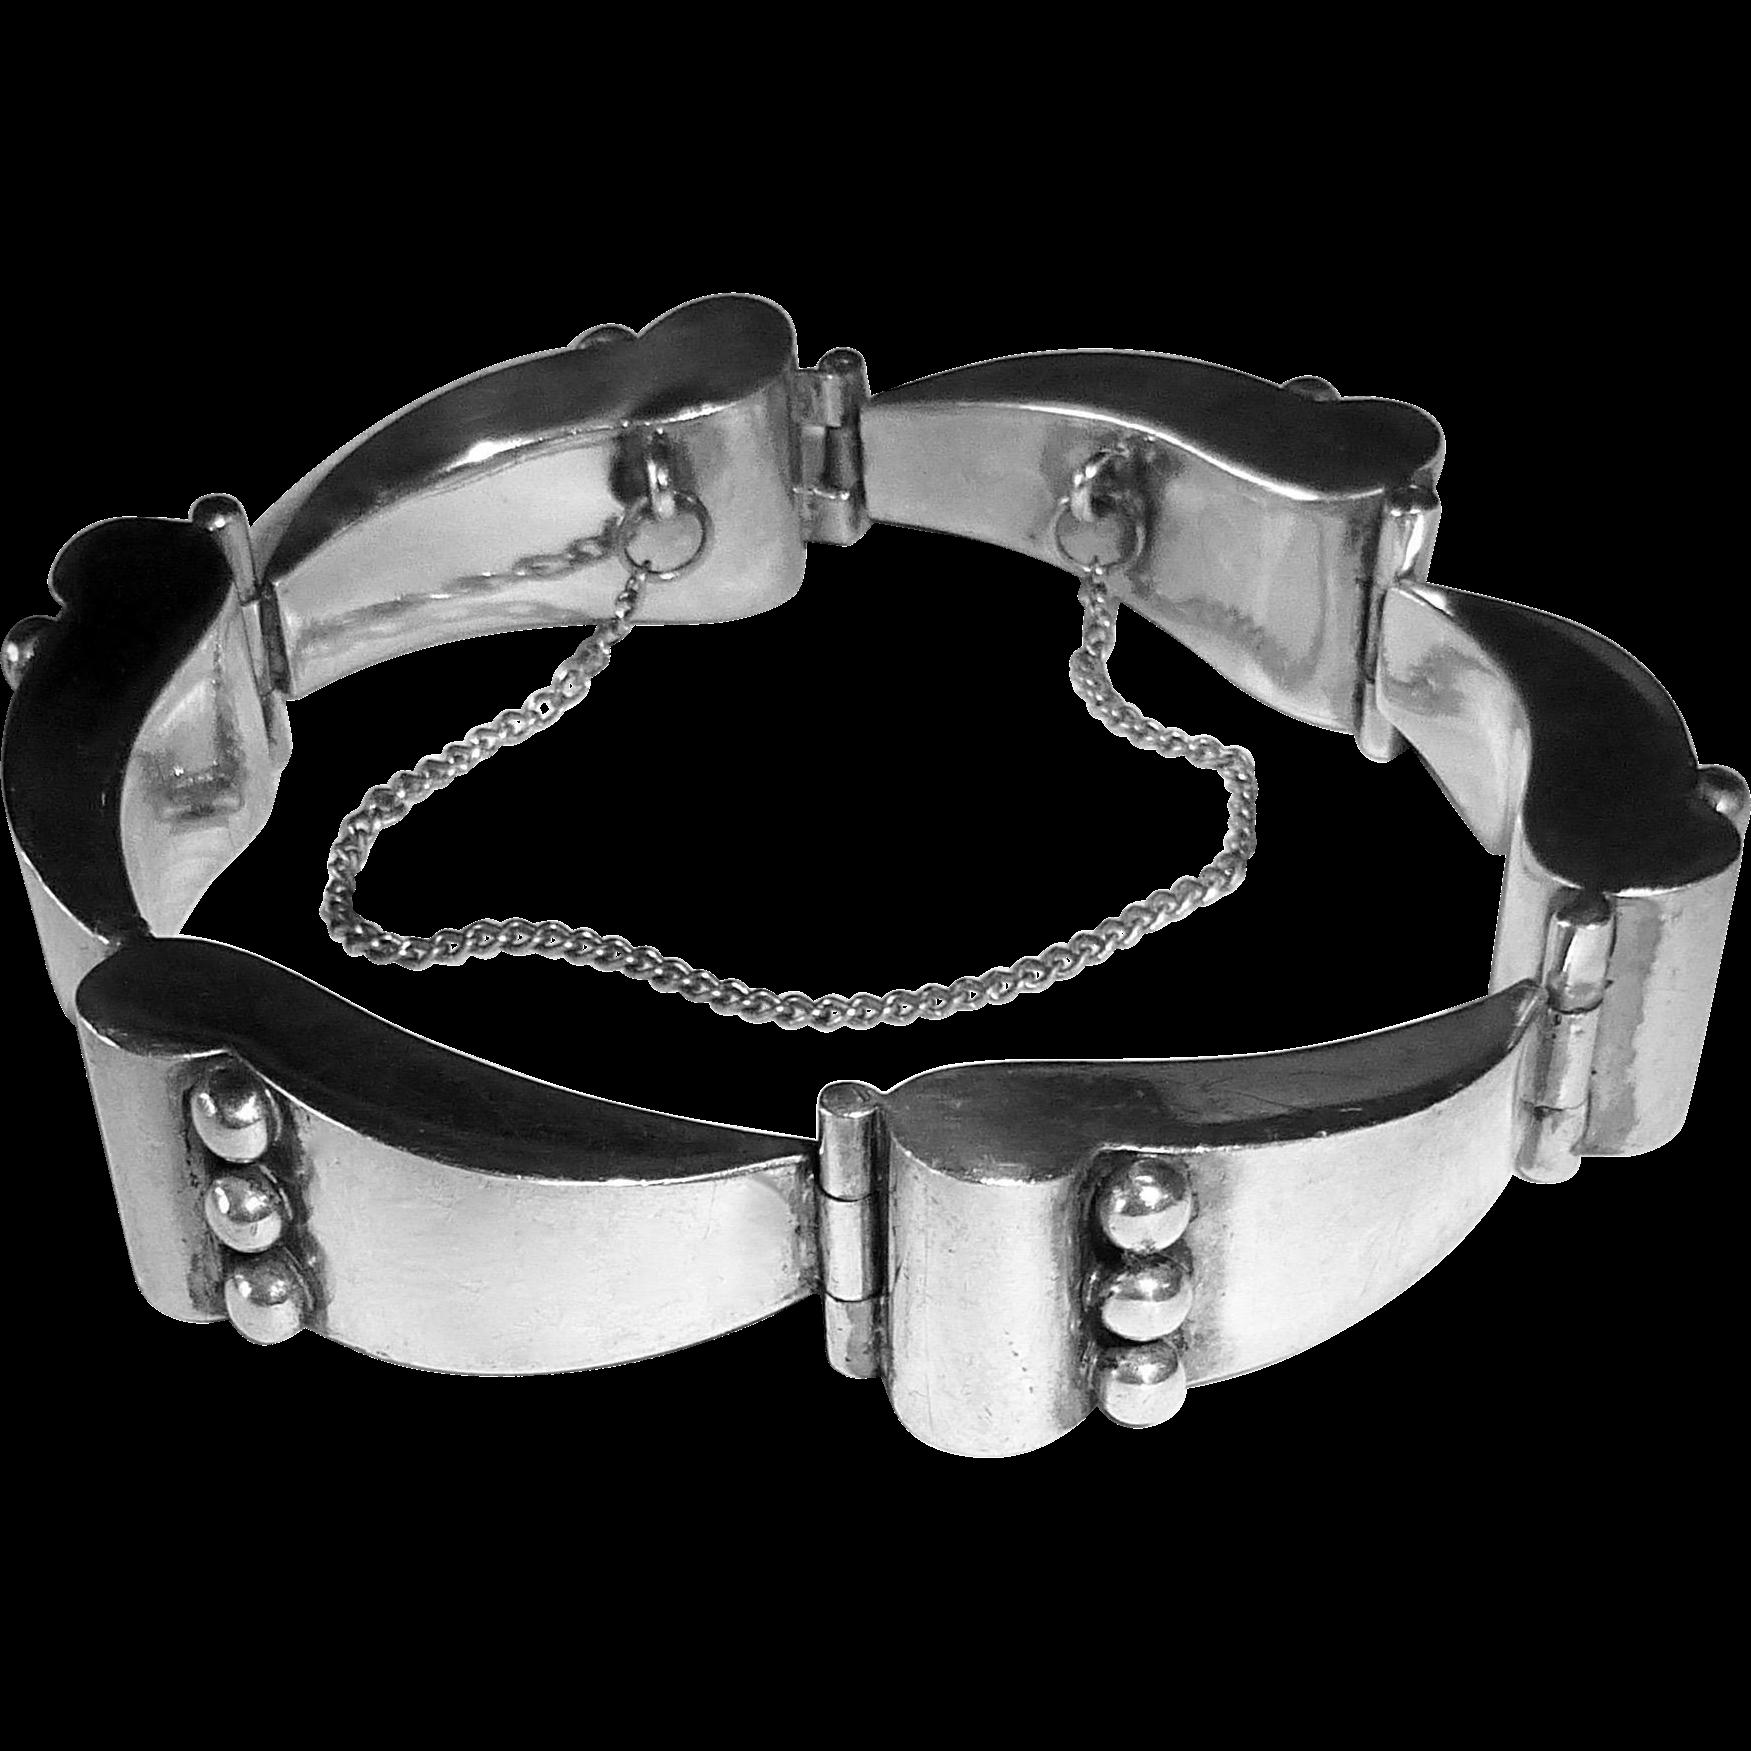 Mexican Designer Reveri Sculptural Sterling Bracelet c1950s